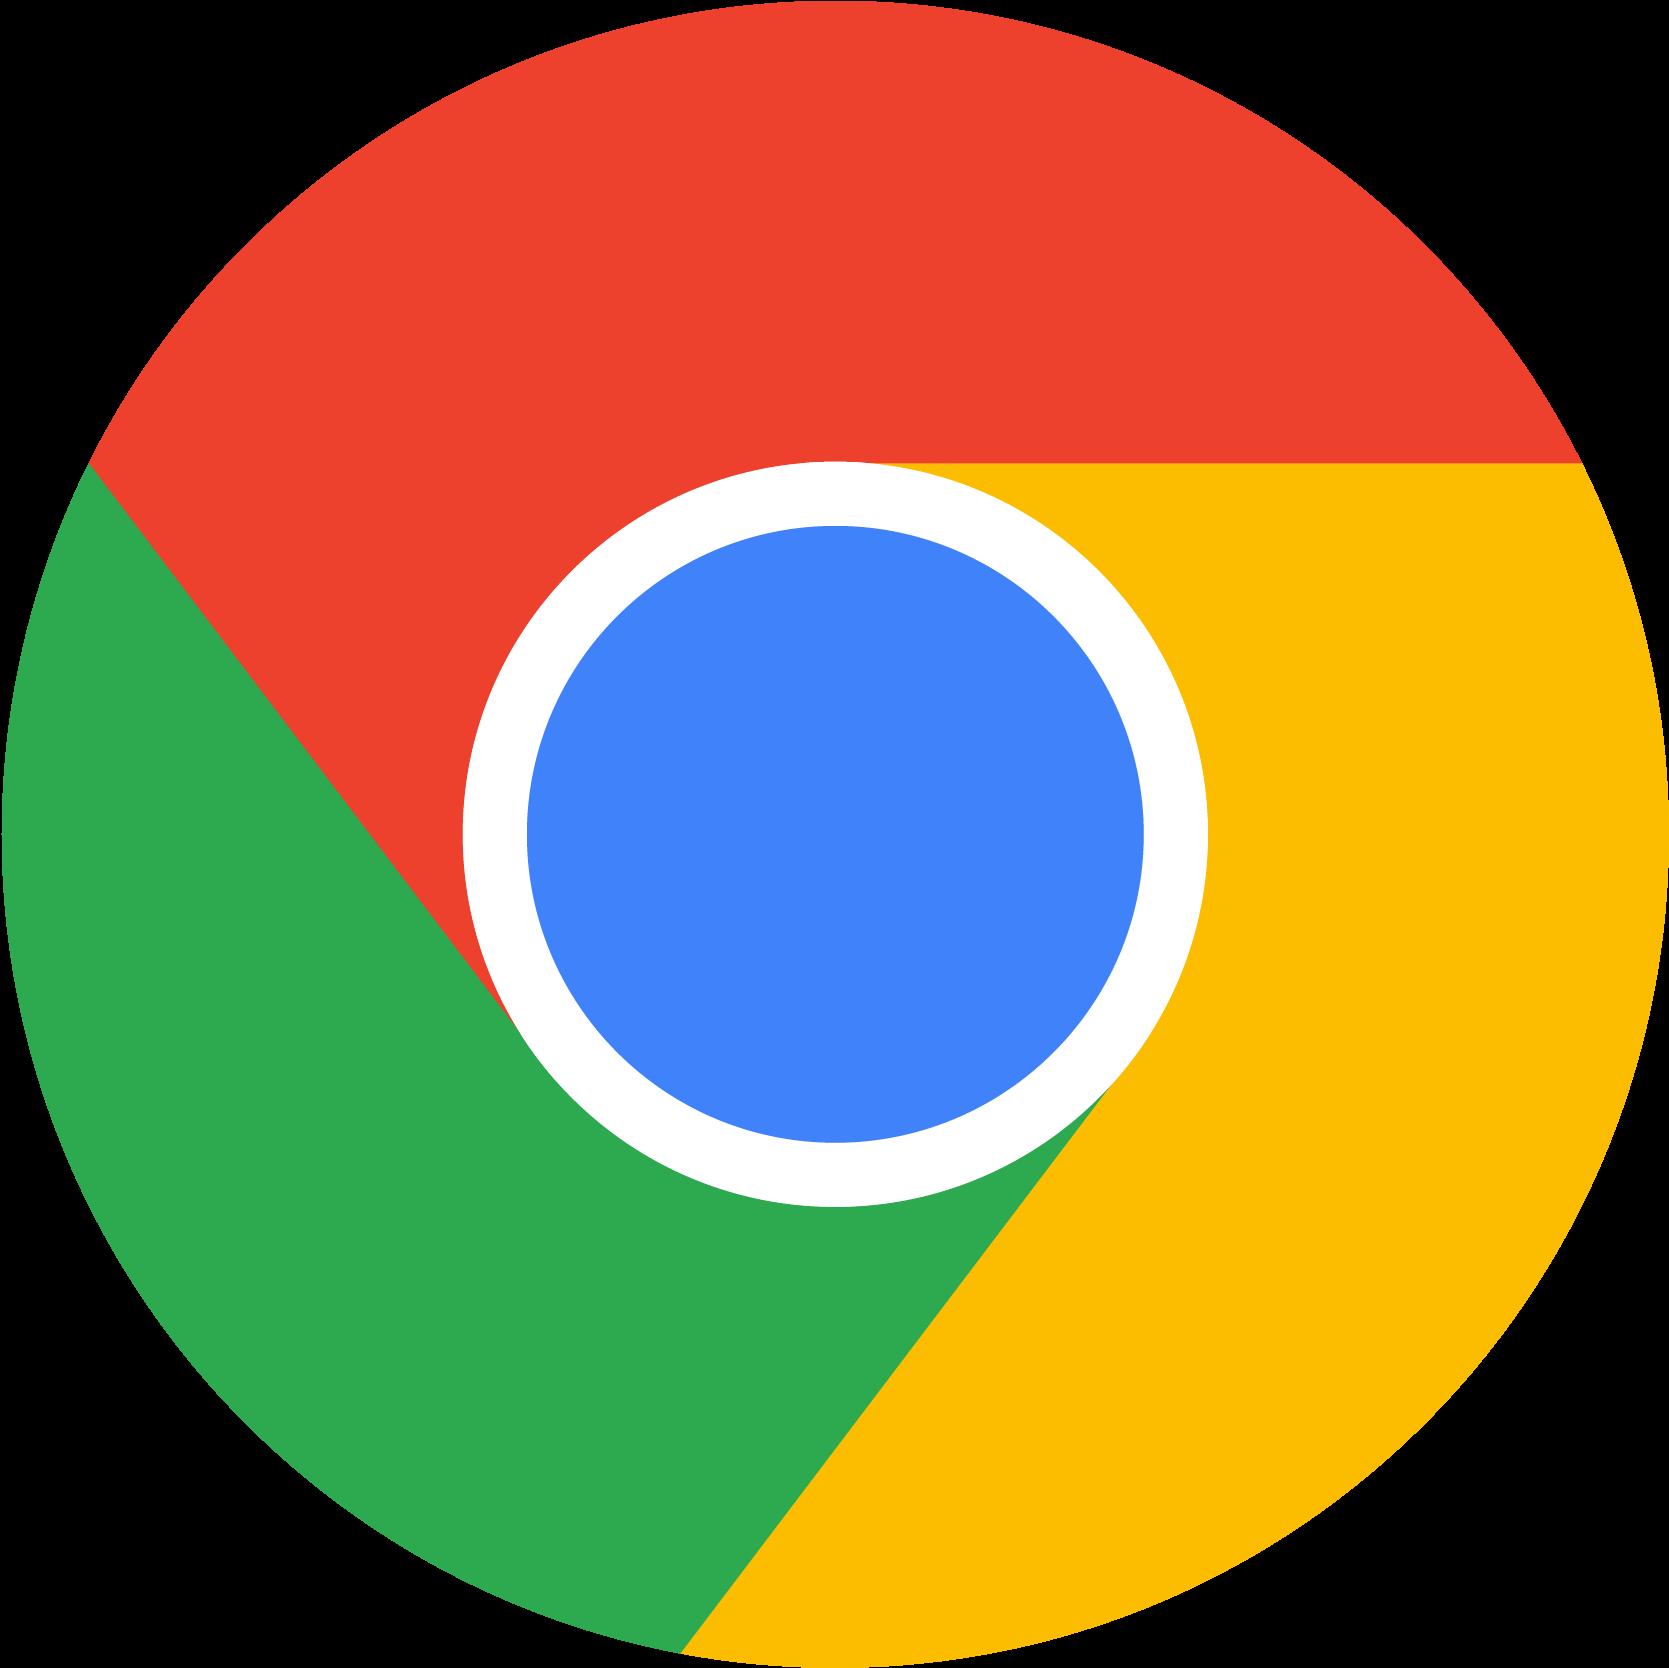 Chrome Vector.